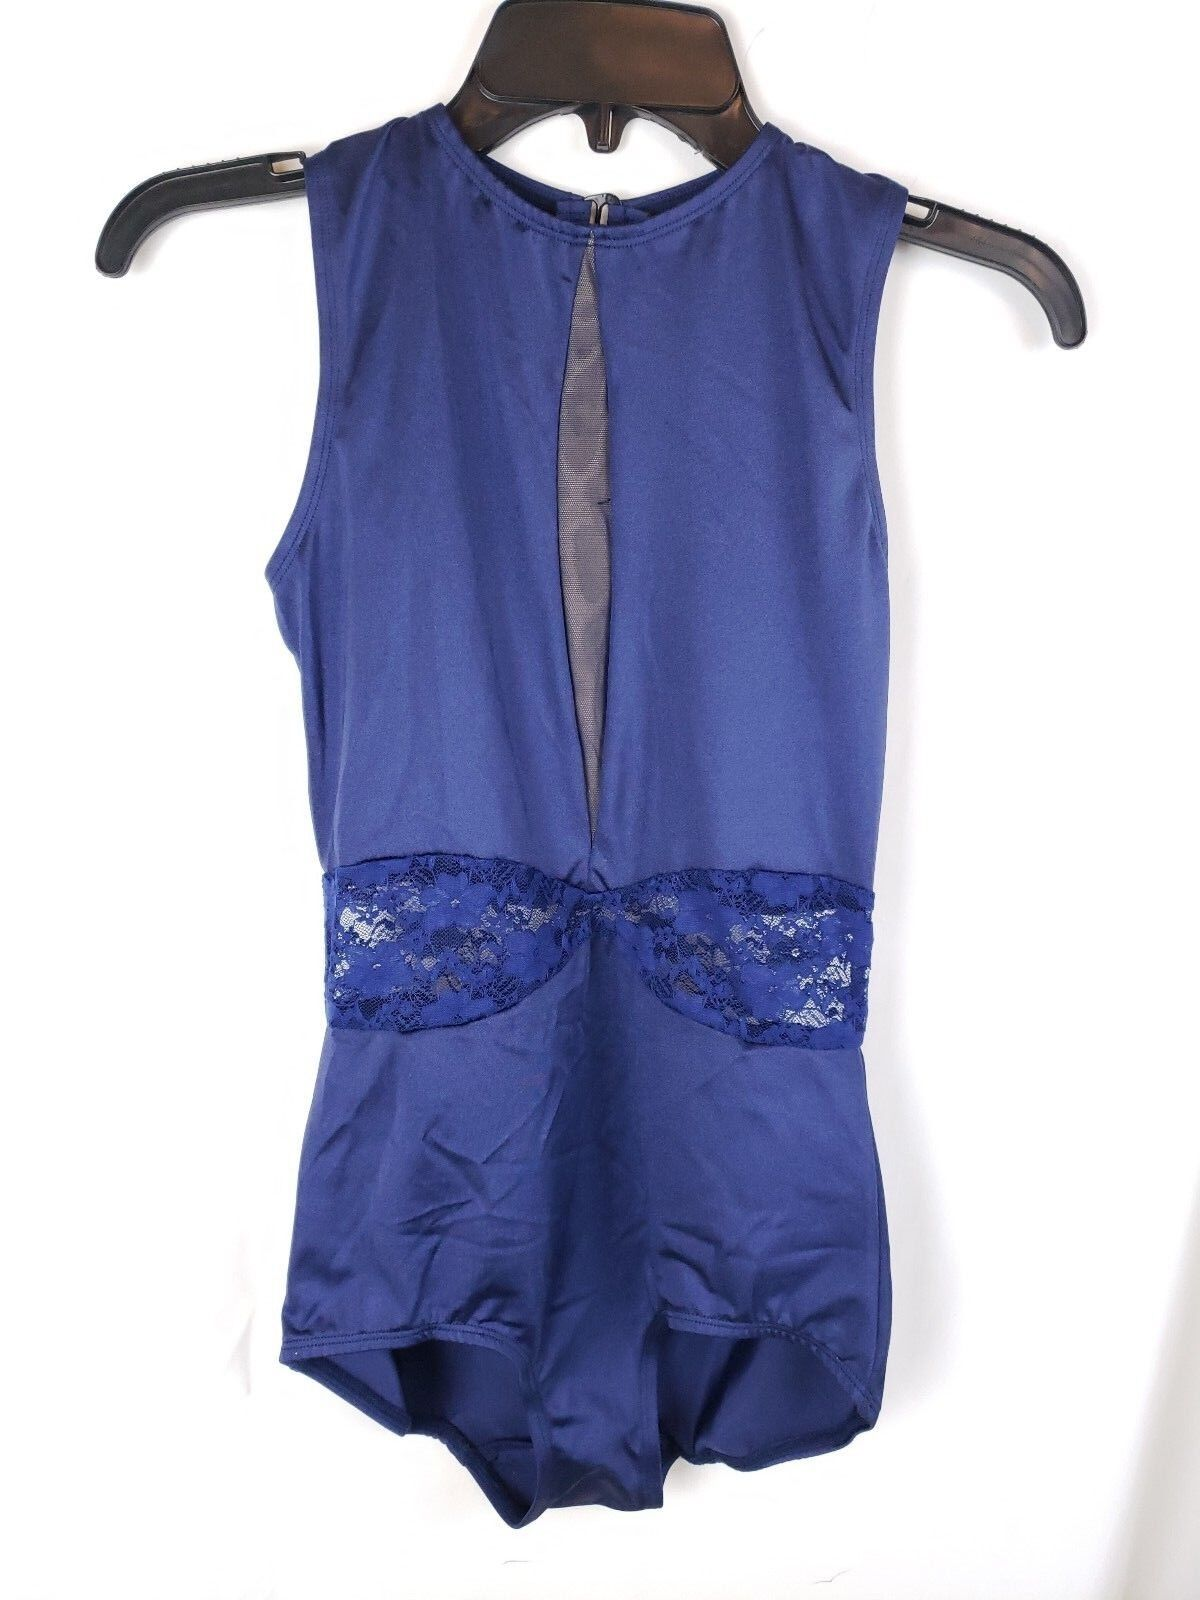 blu Lace Cutout Leotard Ballet AM Dance Costume - Donna AM Ballet 99da20